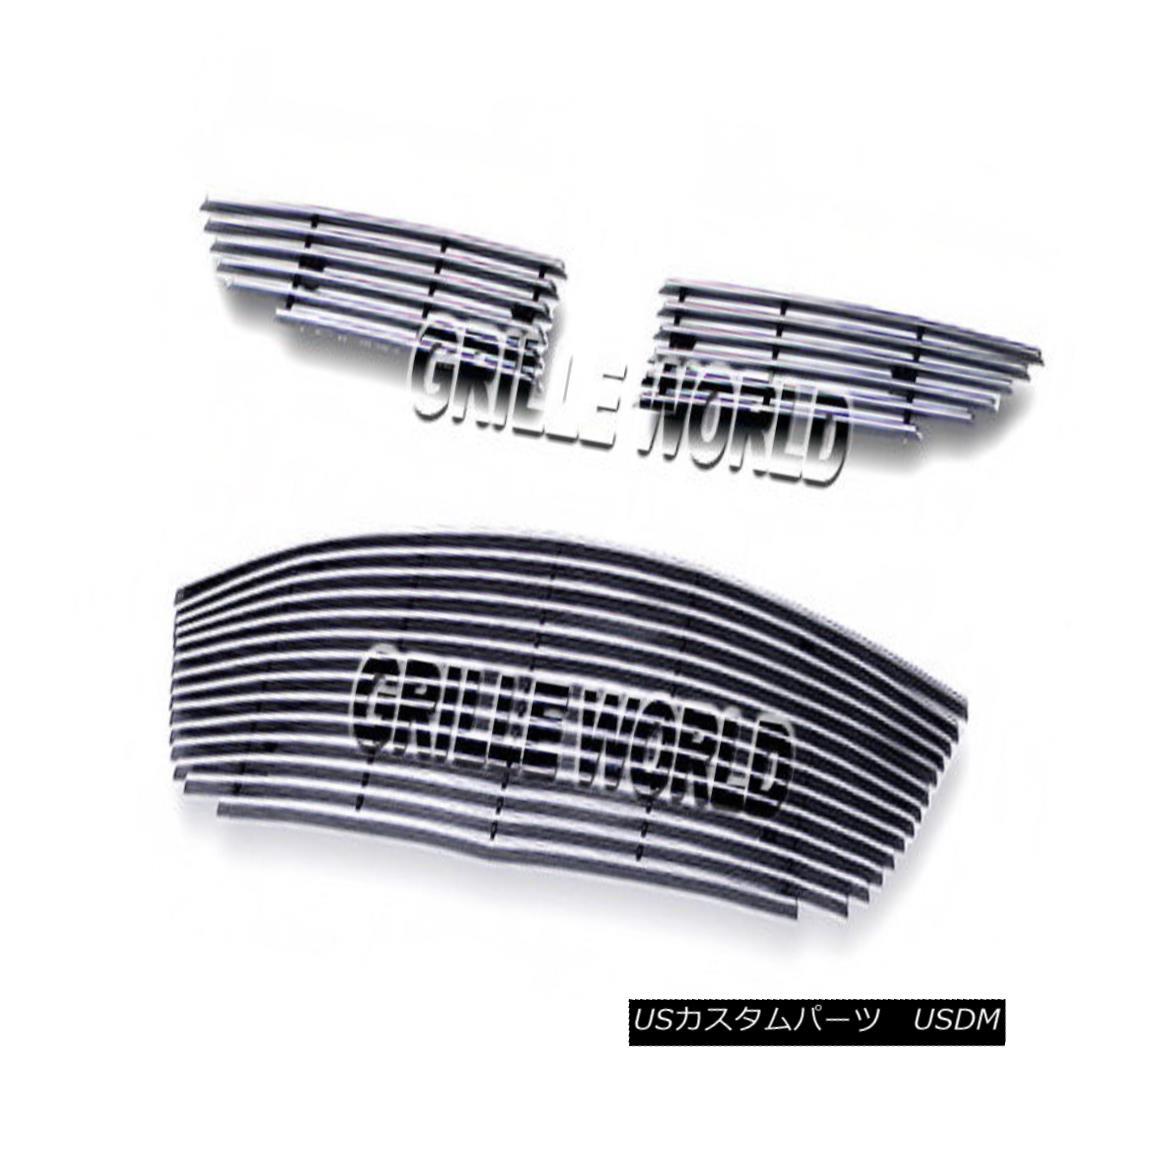 グリル For 2010-2012 Mazda CX-7 CX7 Billet Premium Grille Grill Combo Insert 2010-2012マツダCX-7 CX7ビレットプレミアムグリルグリルコンボインサート用